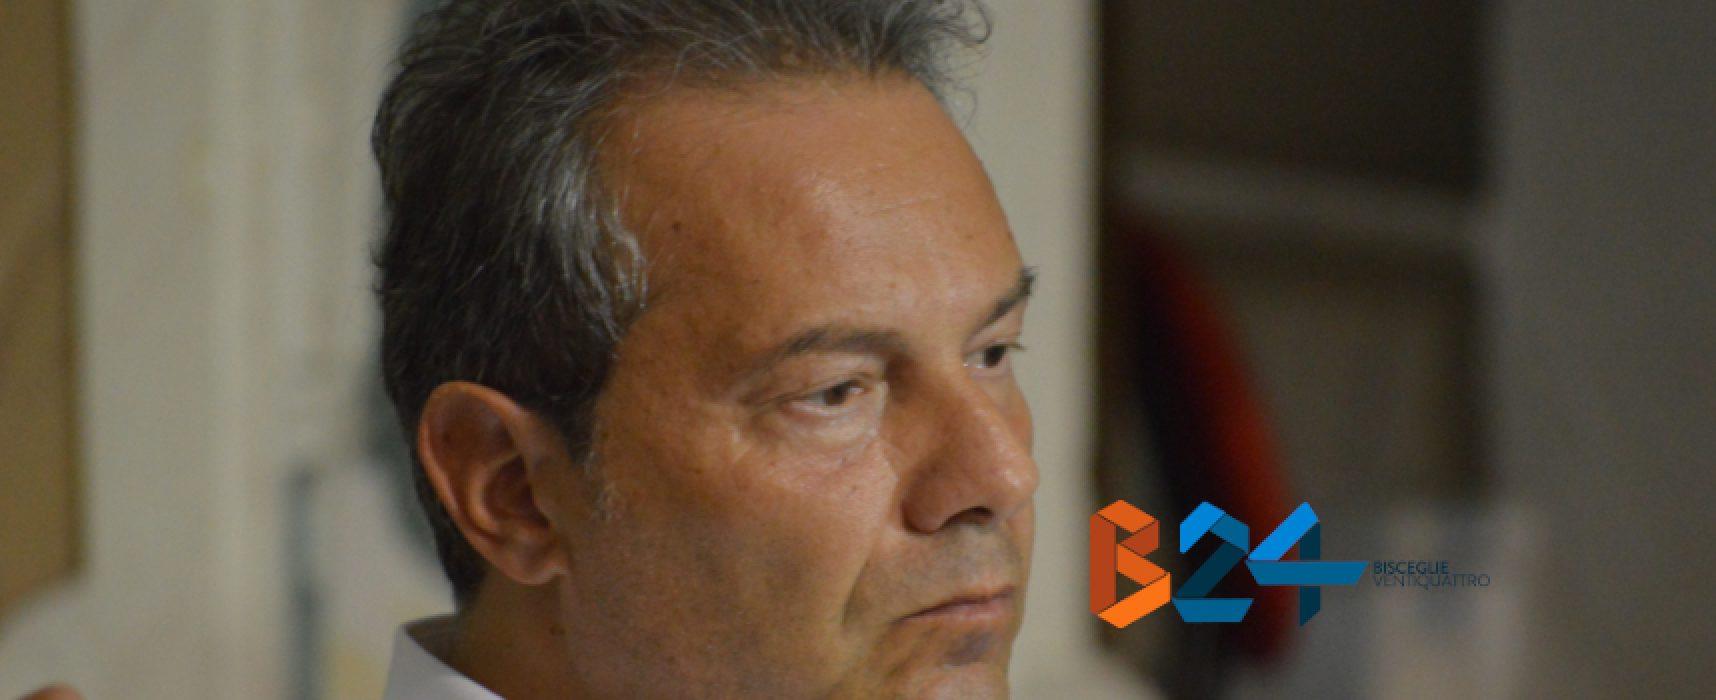 """Francesco Spina: """"Presentato ricorso al Tar per scongiurare aumento Tari 2019"""""""